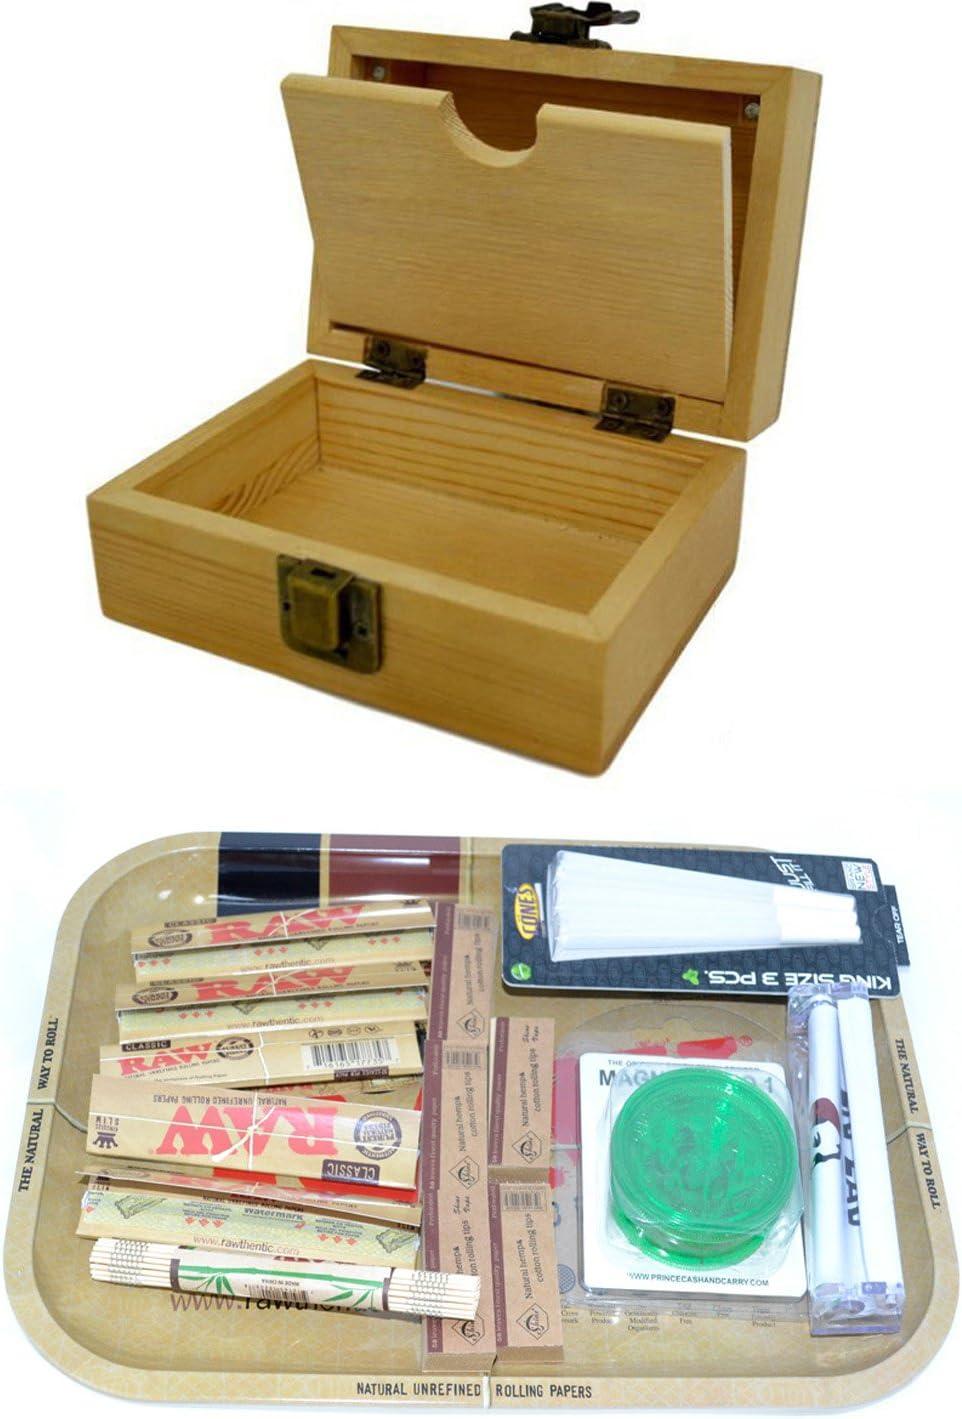 SHINE GRASSLEAF Caja DE Rodillos DE Madera con EL Regalo DE Bandeja Crudo Incluye Papeles/Consejos/Amoladora/Rolling Machine/Mat (Small Box, Large Tray)